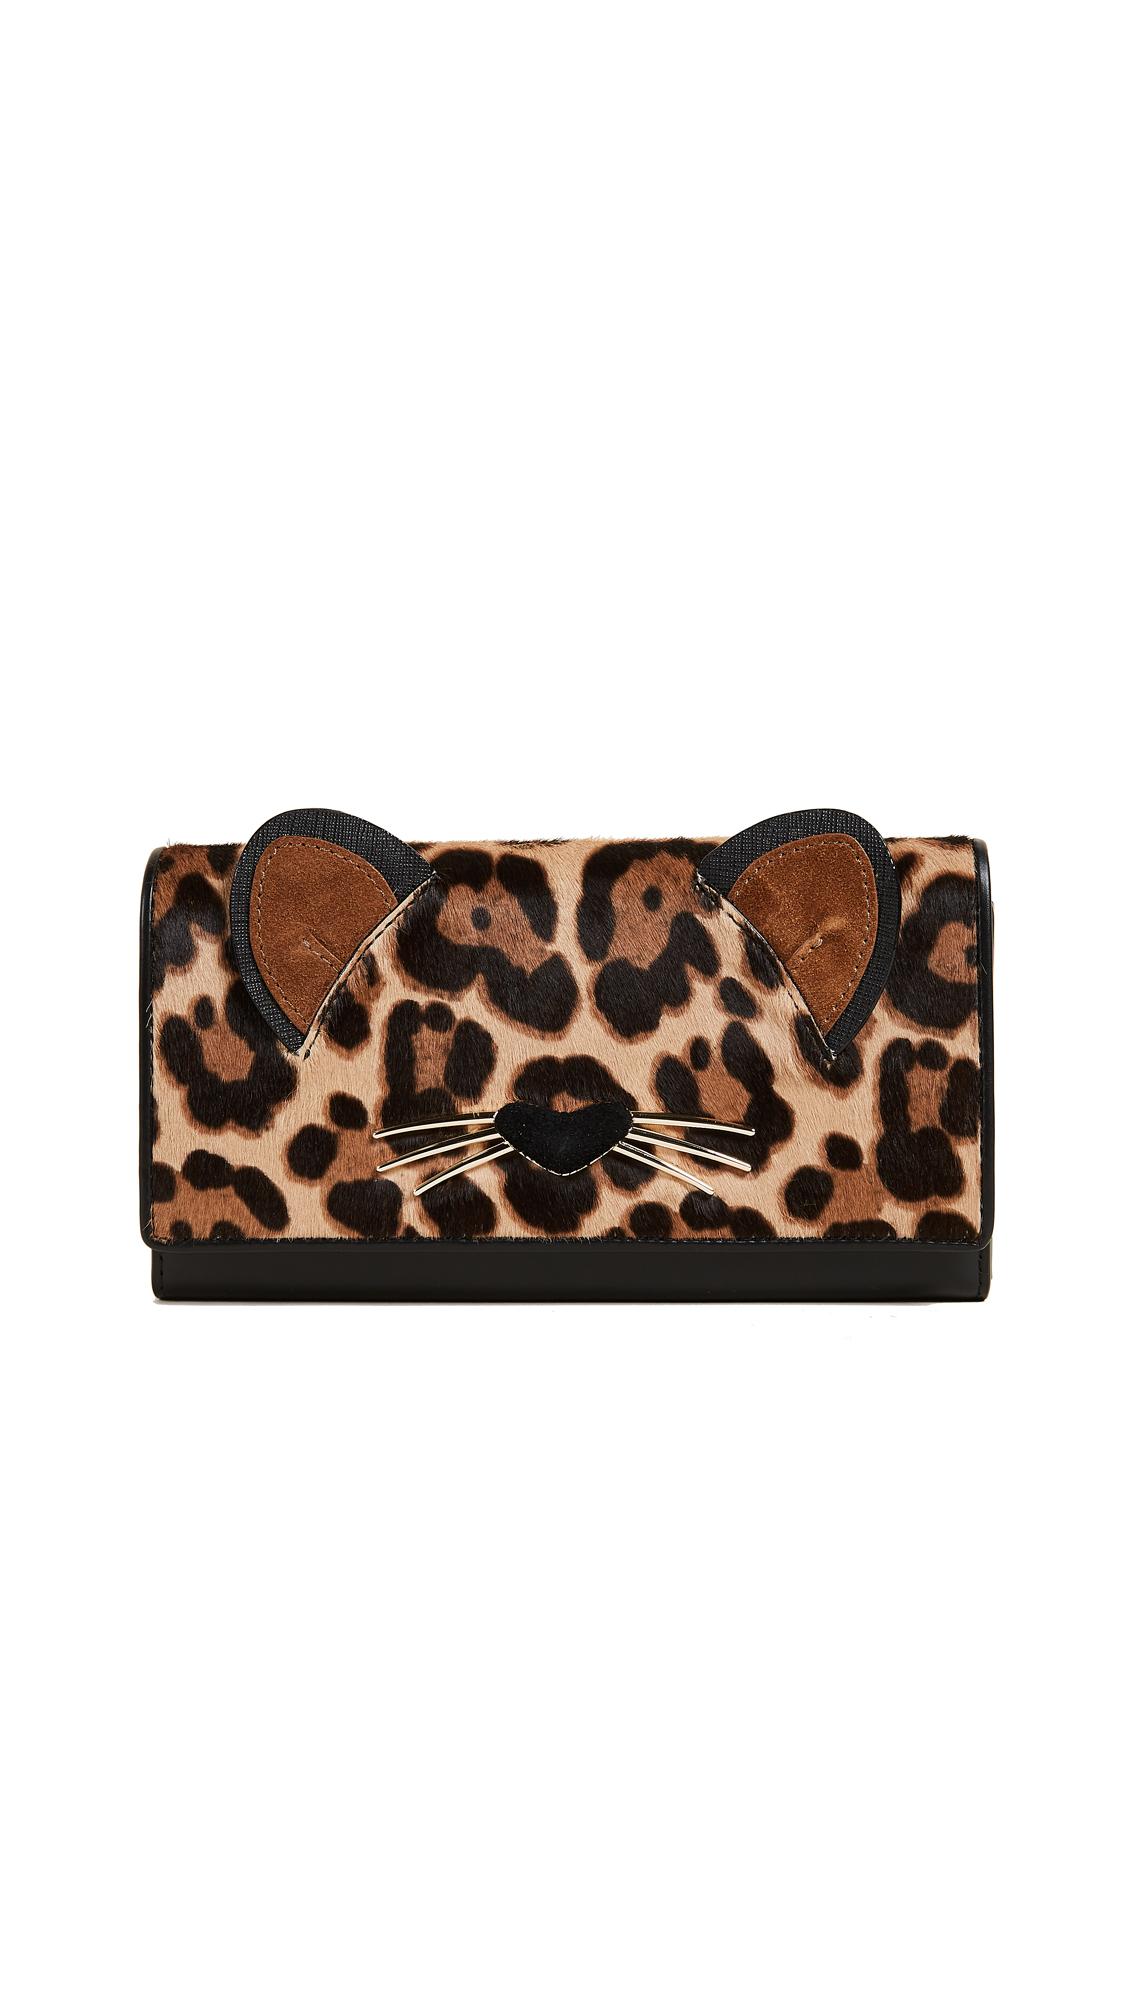 Kate Spade New York Leopard Dagney Wallet - Multi